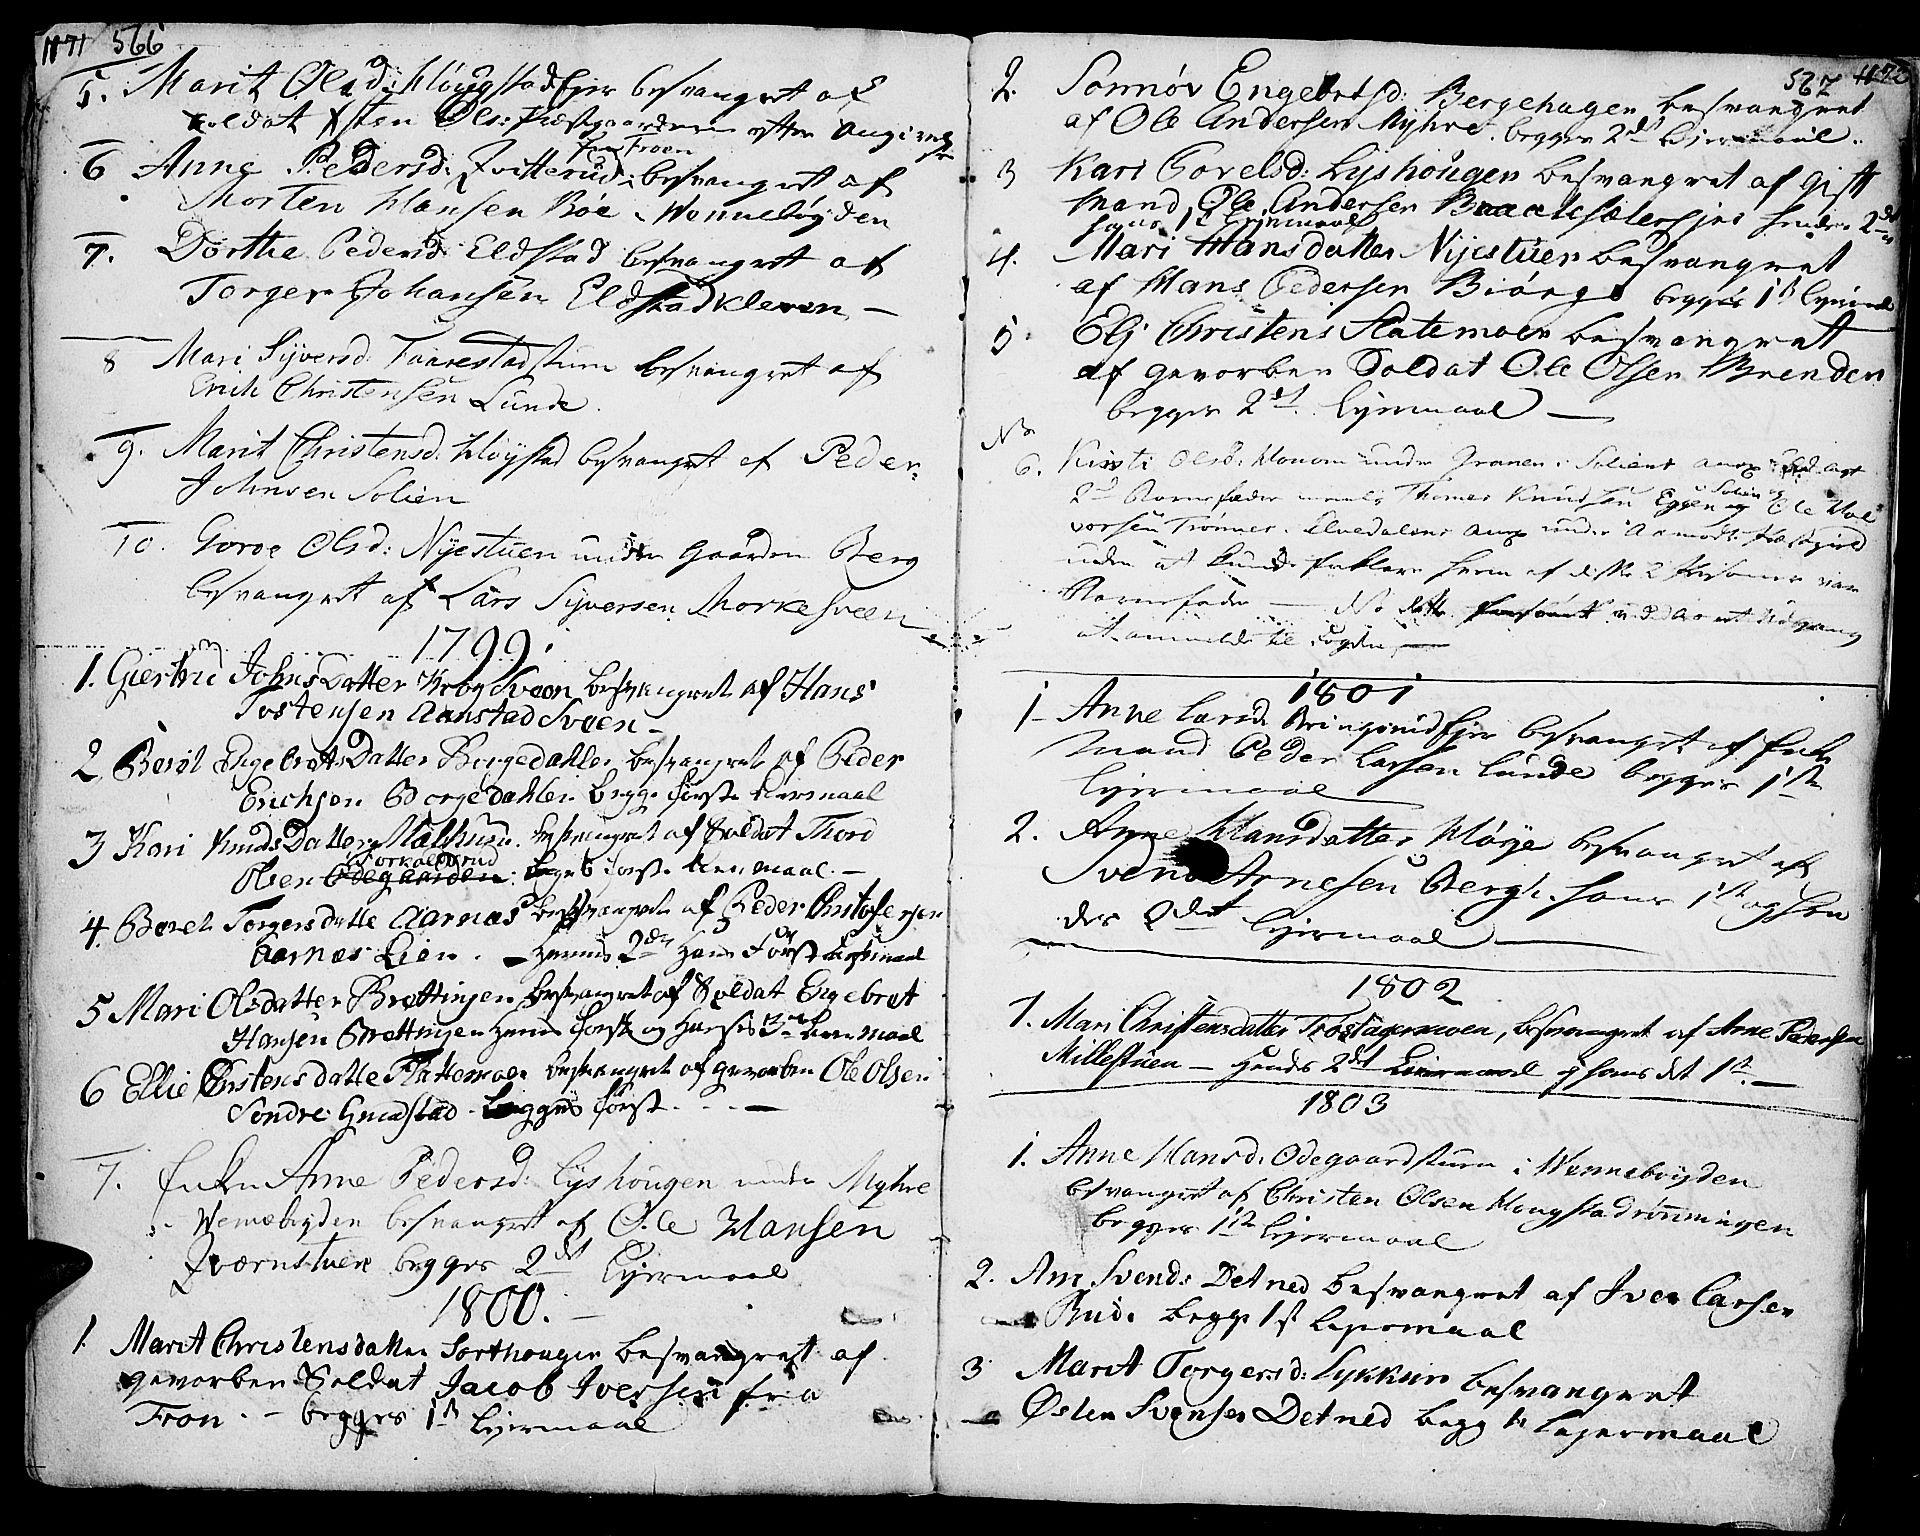 SAH, Ringebu prestekontor, Parish register (official) no. 3, 1781-1820, p. 566-567